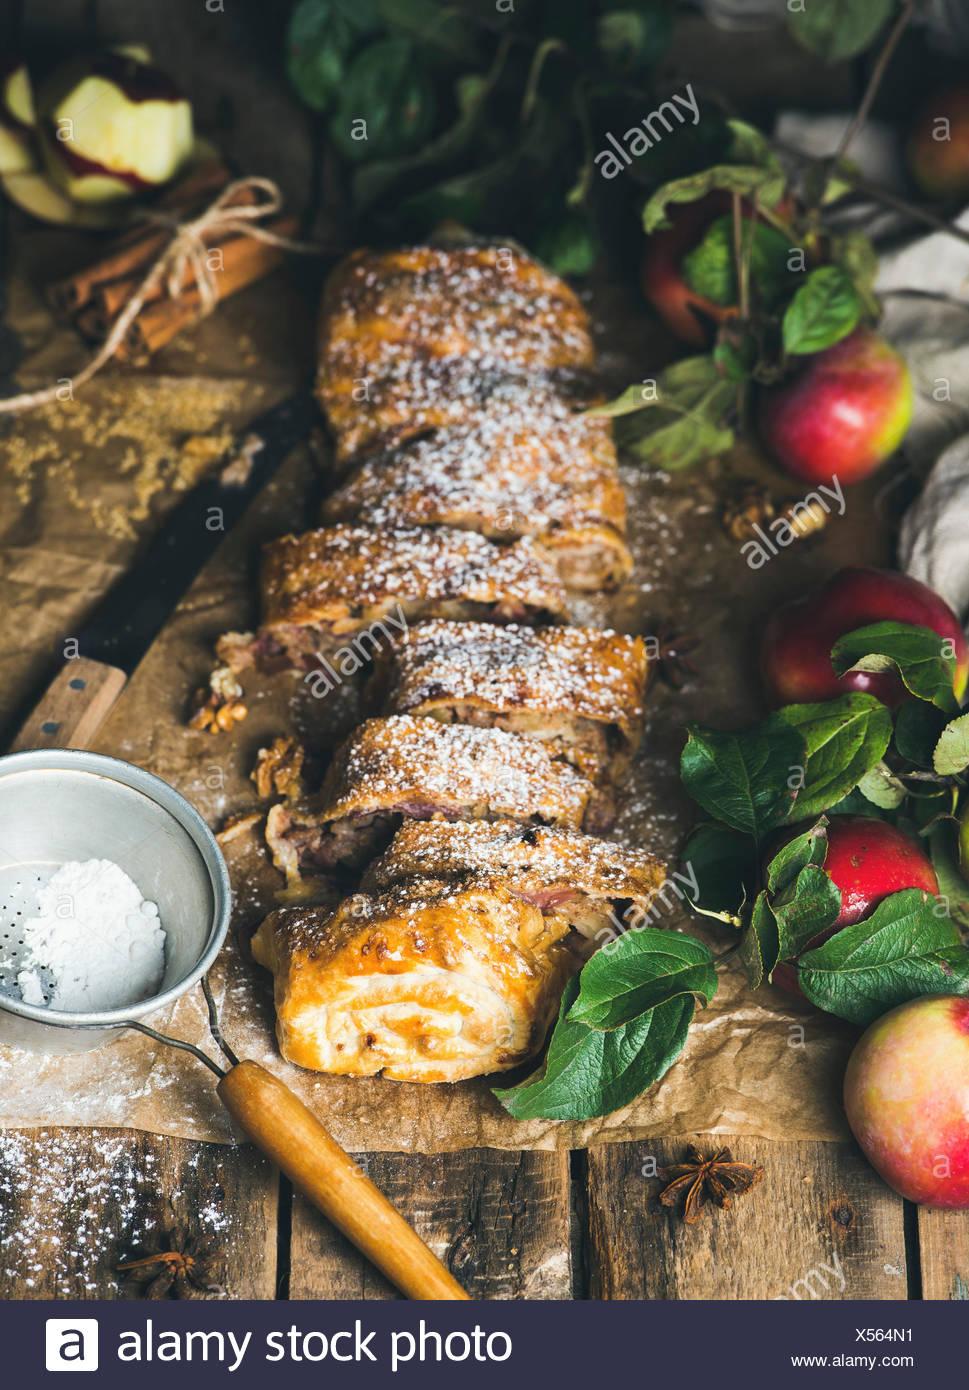 Strudel di mele torta con la cannella, lo zucchero in polvere e mele fresche sulla tavola in legno rustico sfondo, il fuoco selettivo, verticale com Immagini Stock